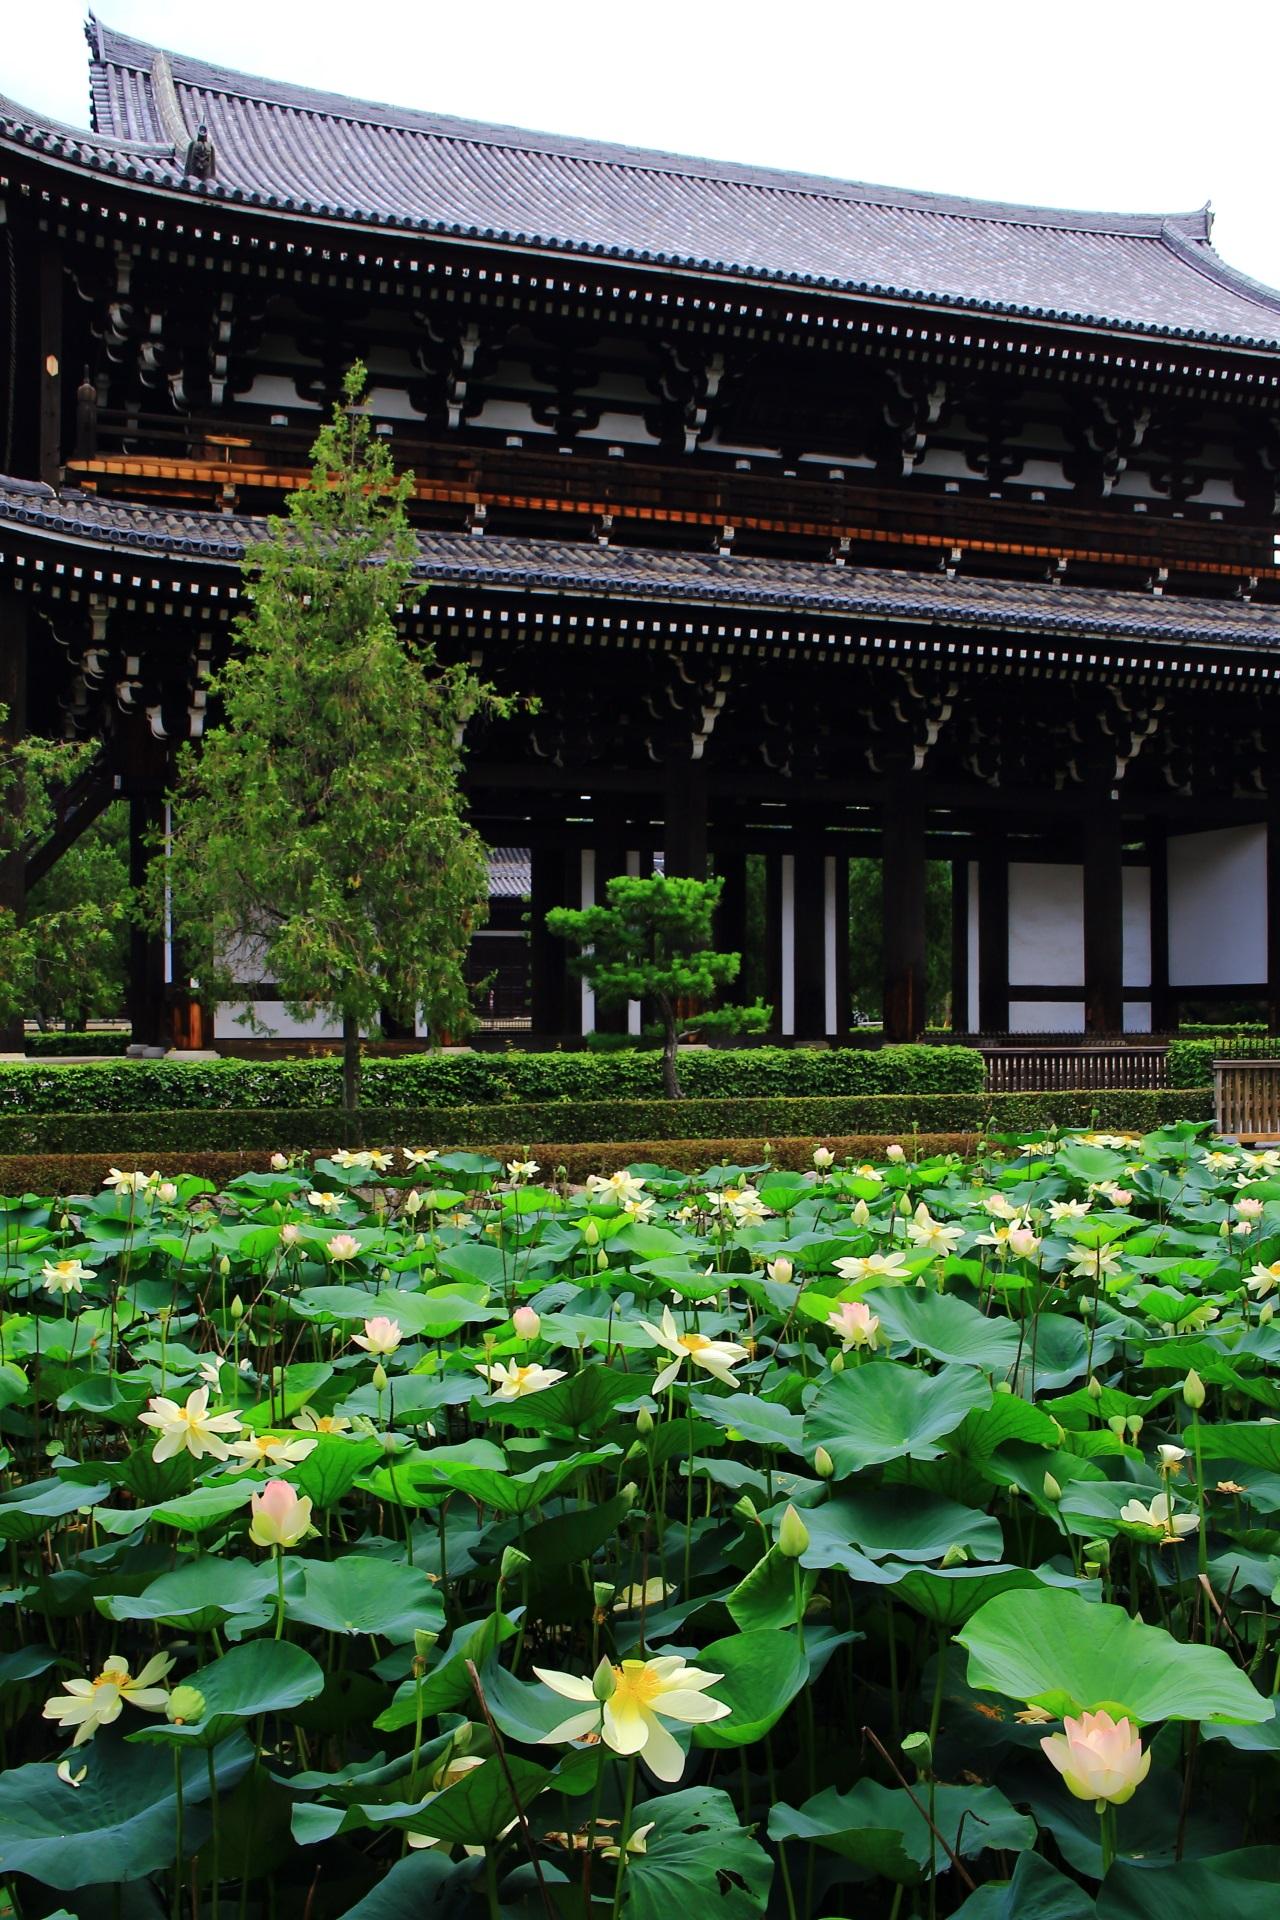 貸切状態の東福寺の三門と蓮池の凄い蓮の花